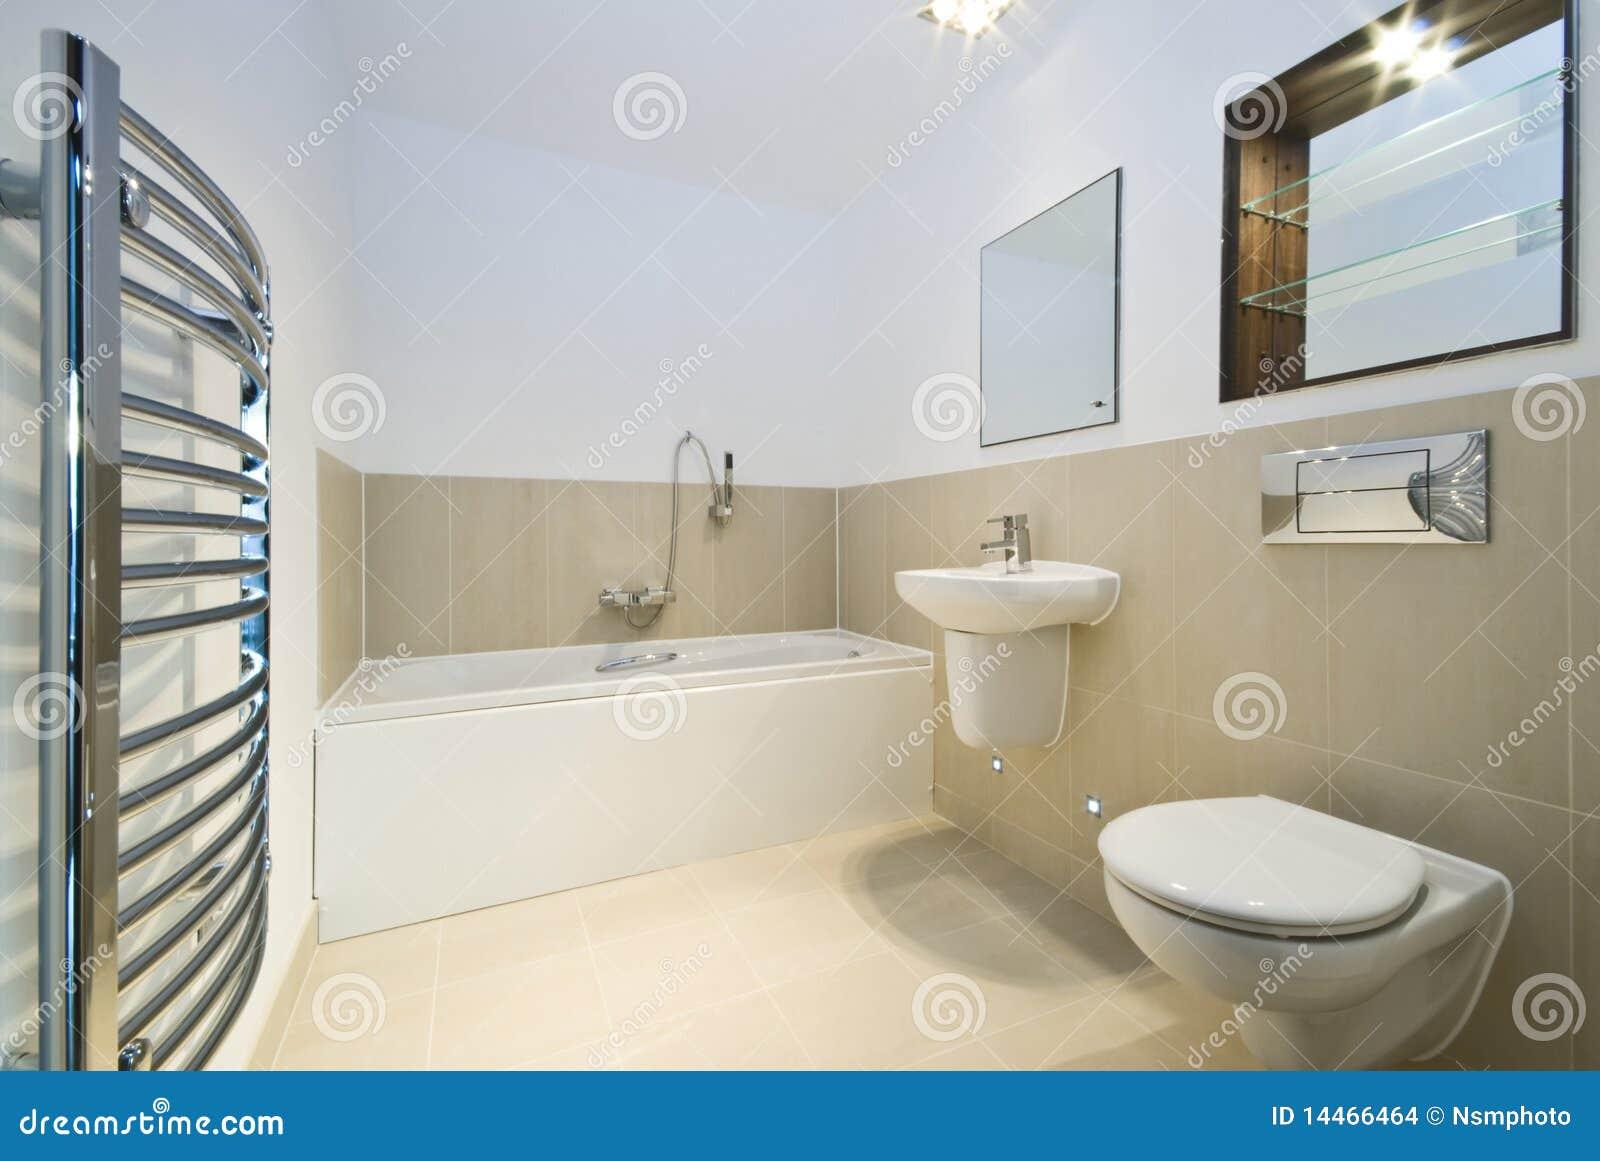 Fantastisch Mooie Betegelde Badkamers: Badkamer Update Huis Katrijn Joey, Badkamer